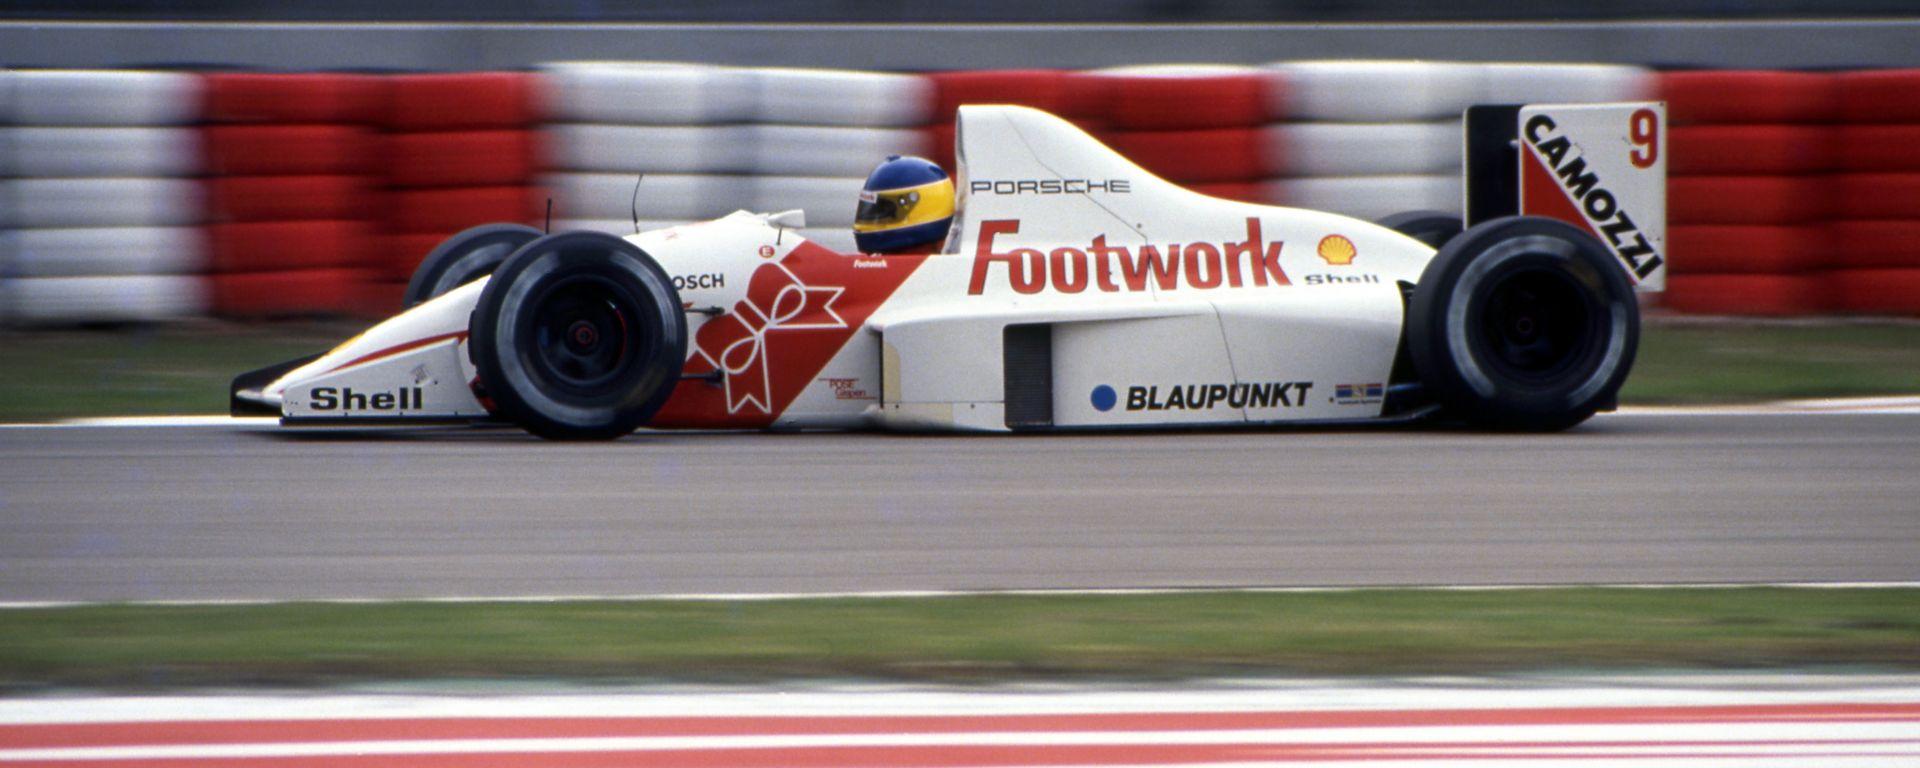 F1, GP San Marino 1991: la Footwork motorizzata Porsche di Michele Alboreto